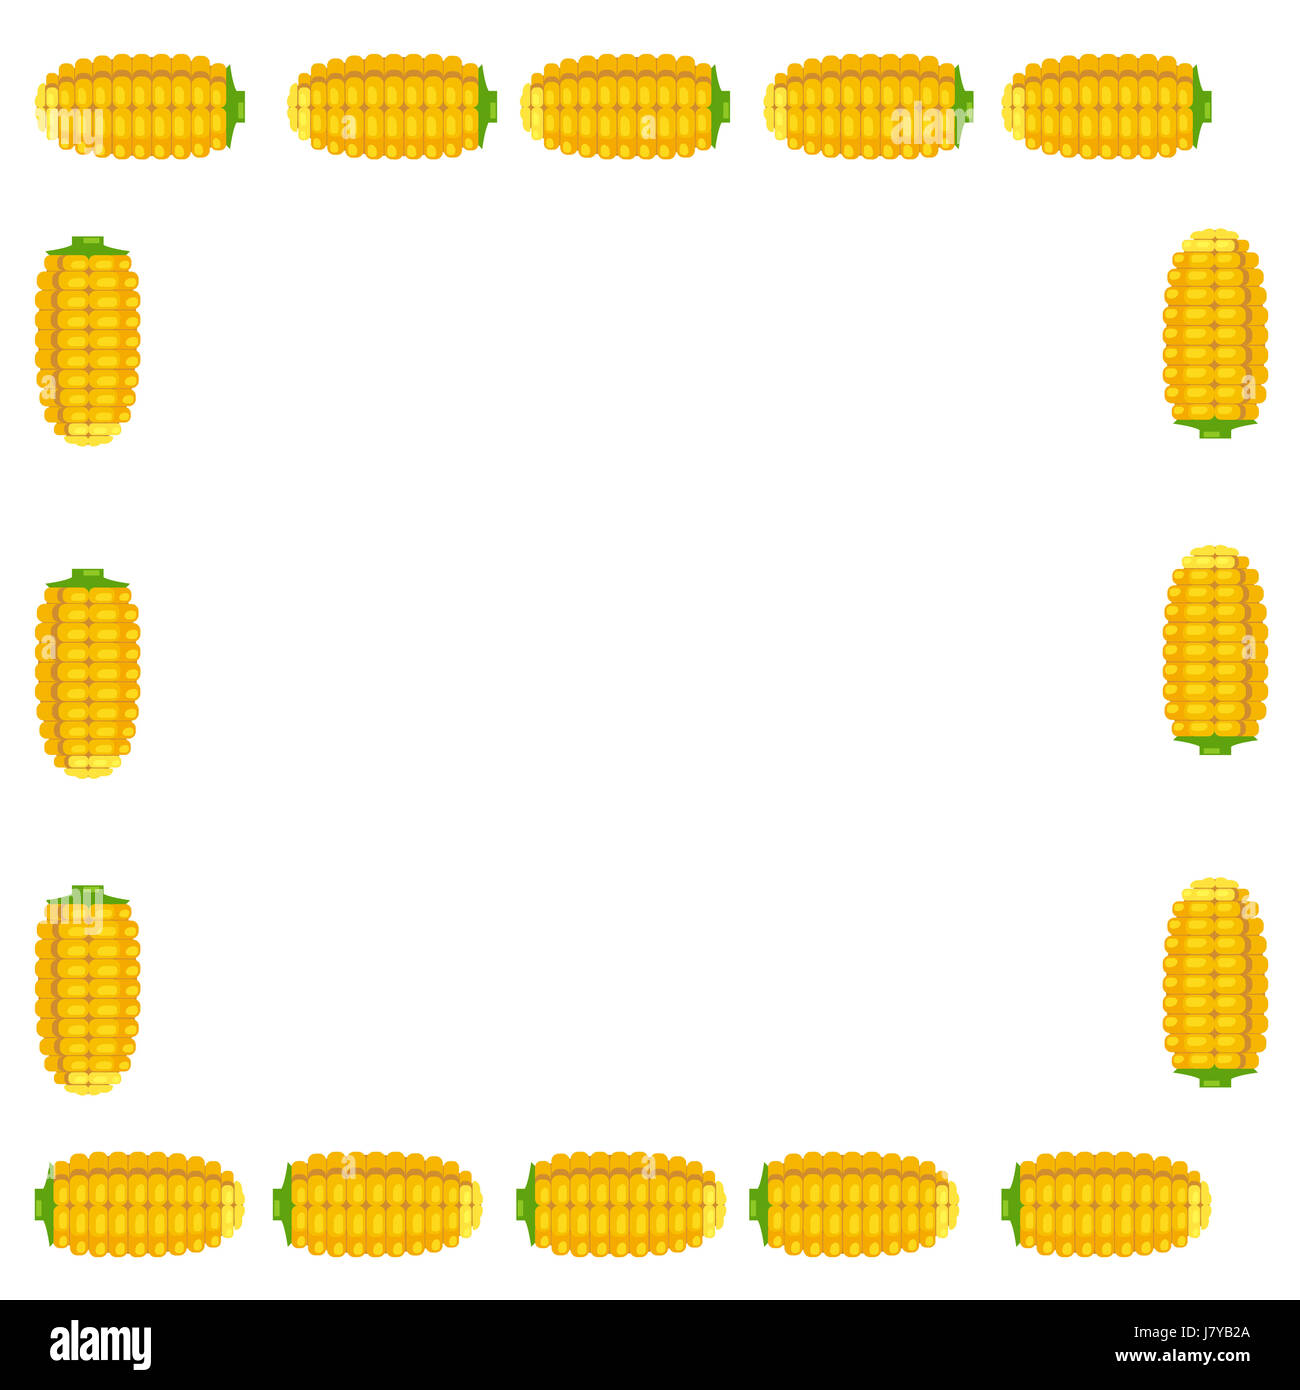 Una illustrazione di calli collocati su tutti i lati su sfondo bianco Immagini Stock